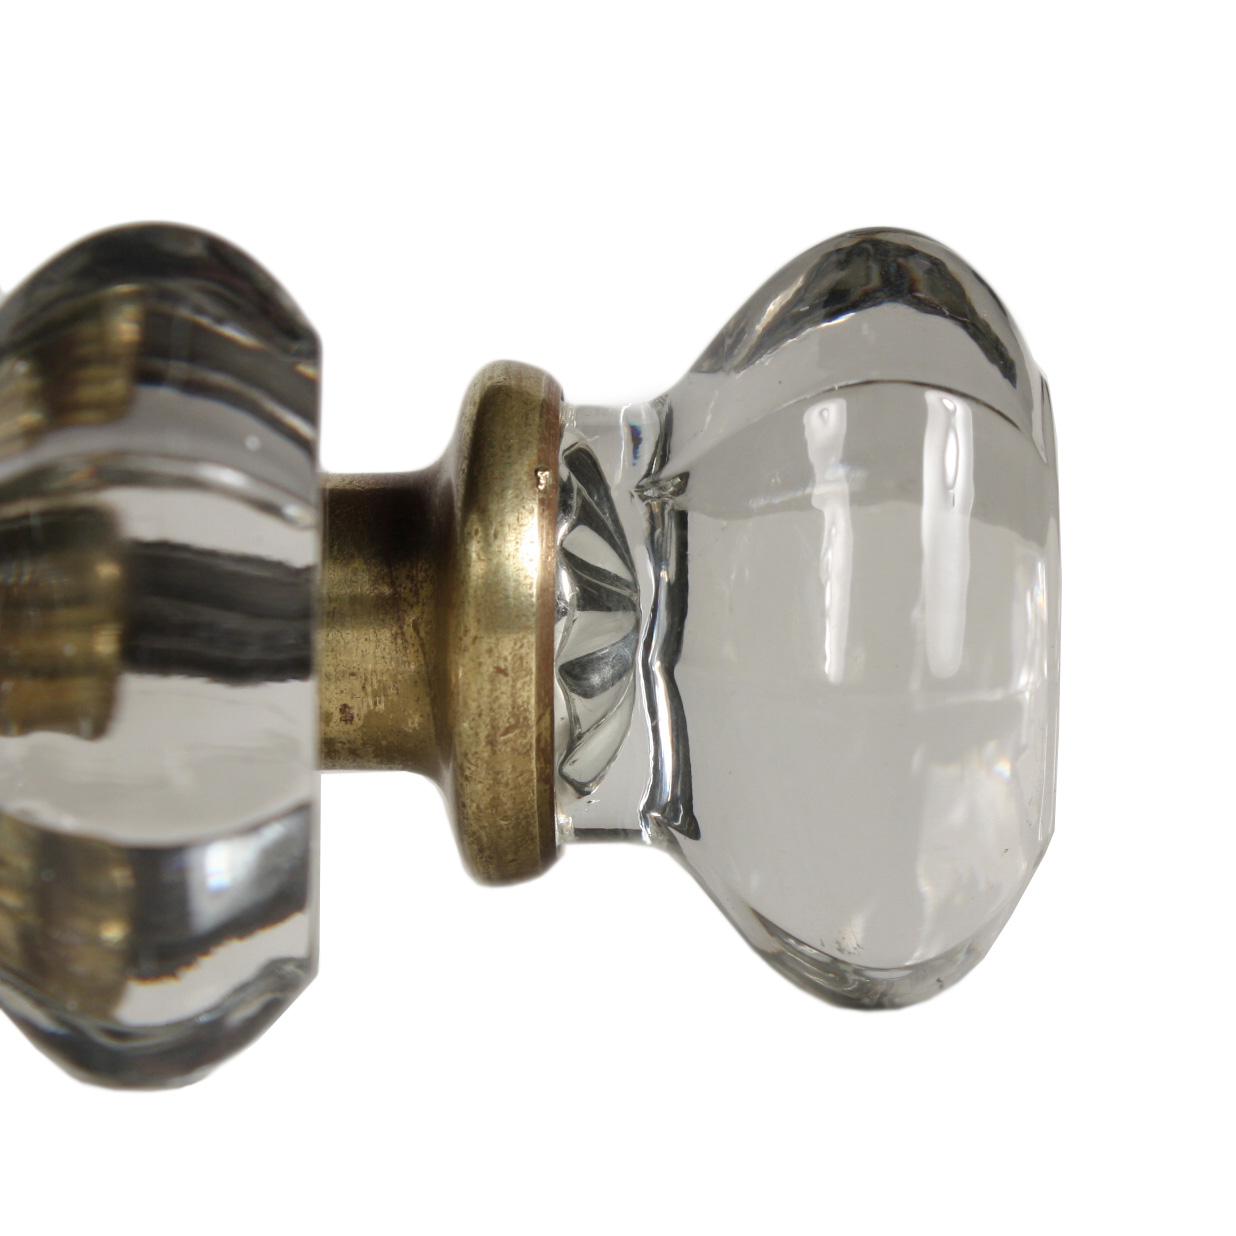 glass door knobs for sale photo - 3